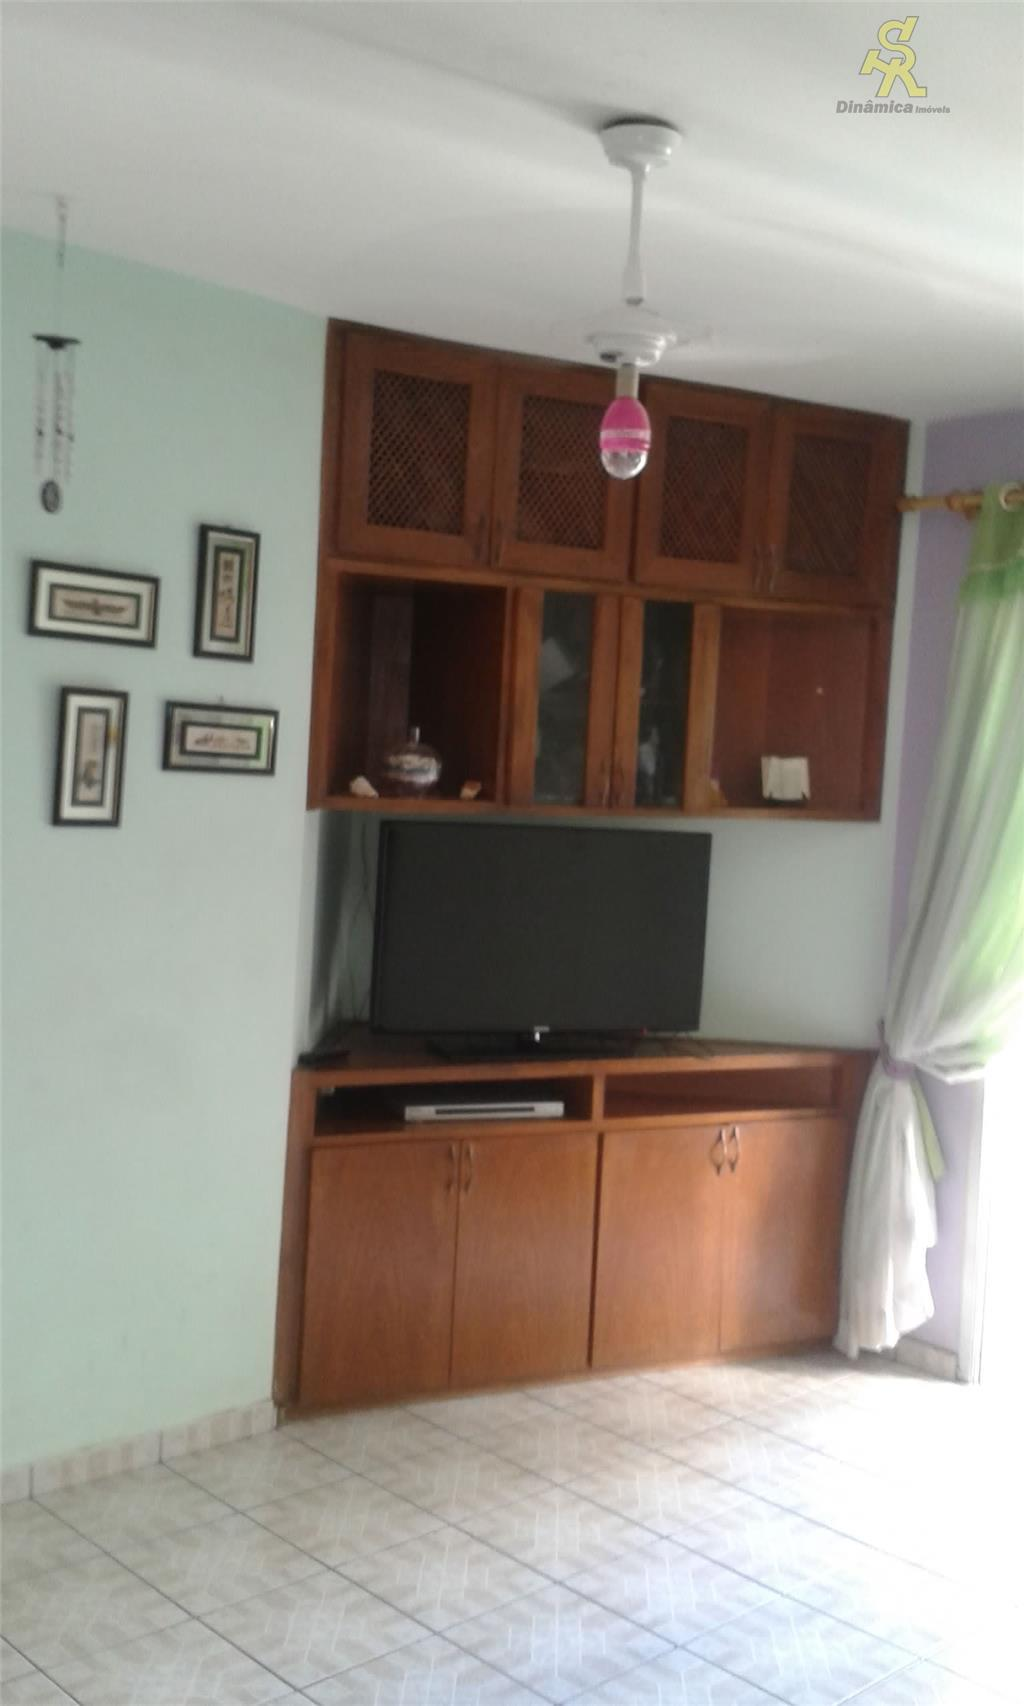 2 dormitórios com armários, sala 2 ambientes com sacada, cozinha com armários , wc, lavanderia. condomínio...